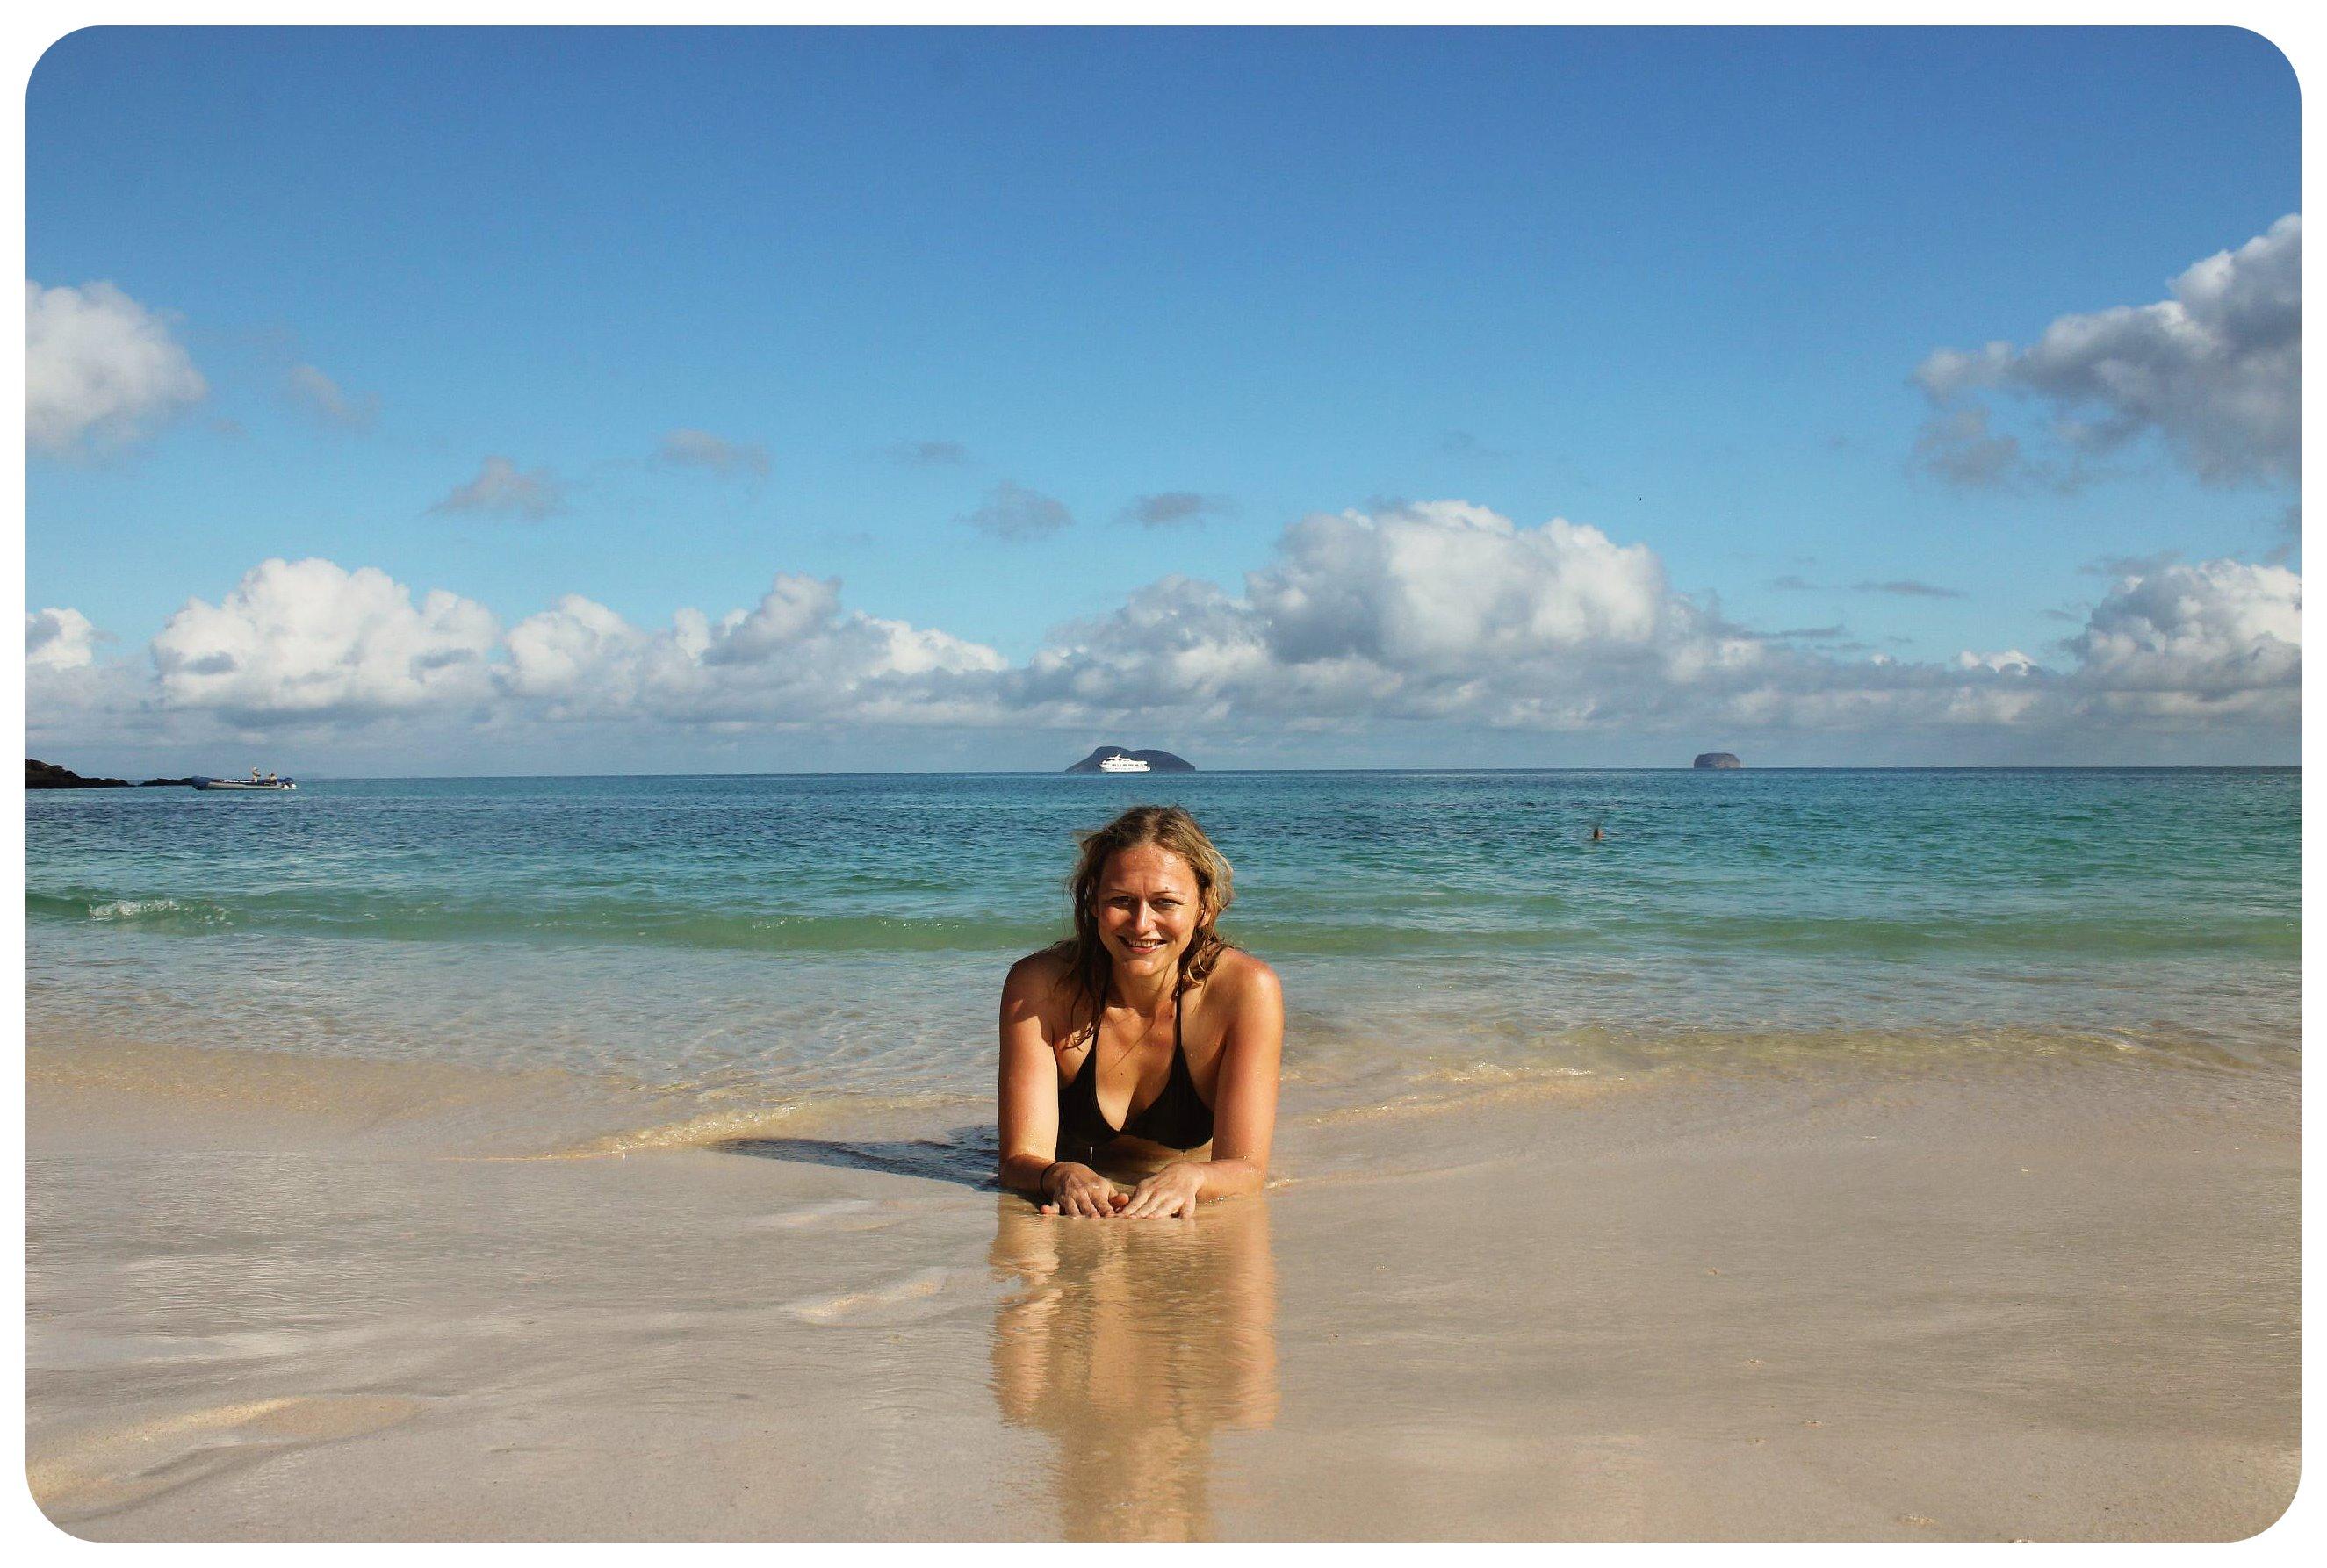 galapagos beach dani